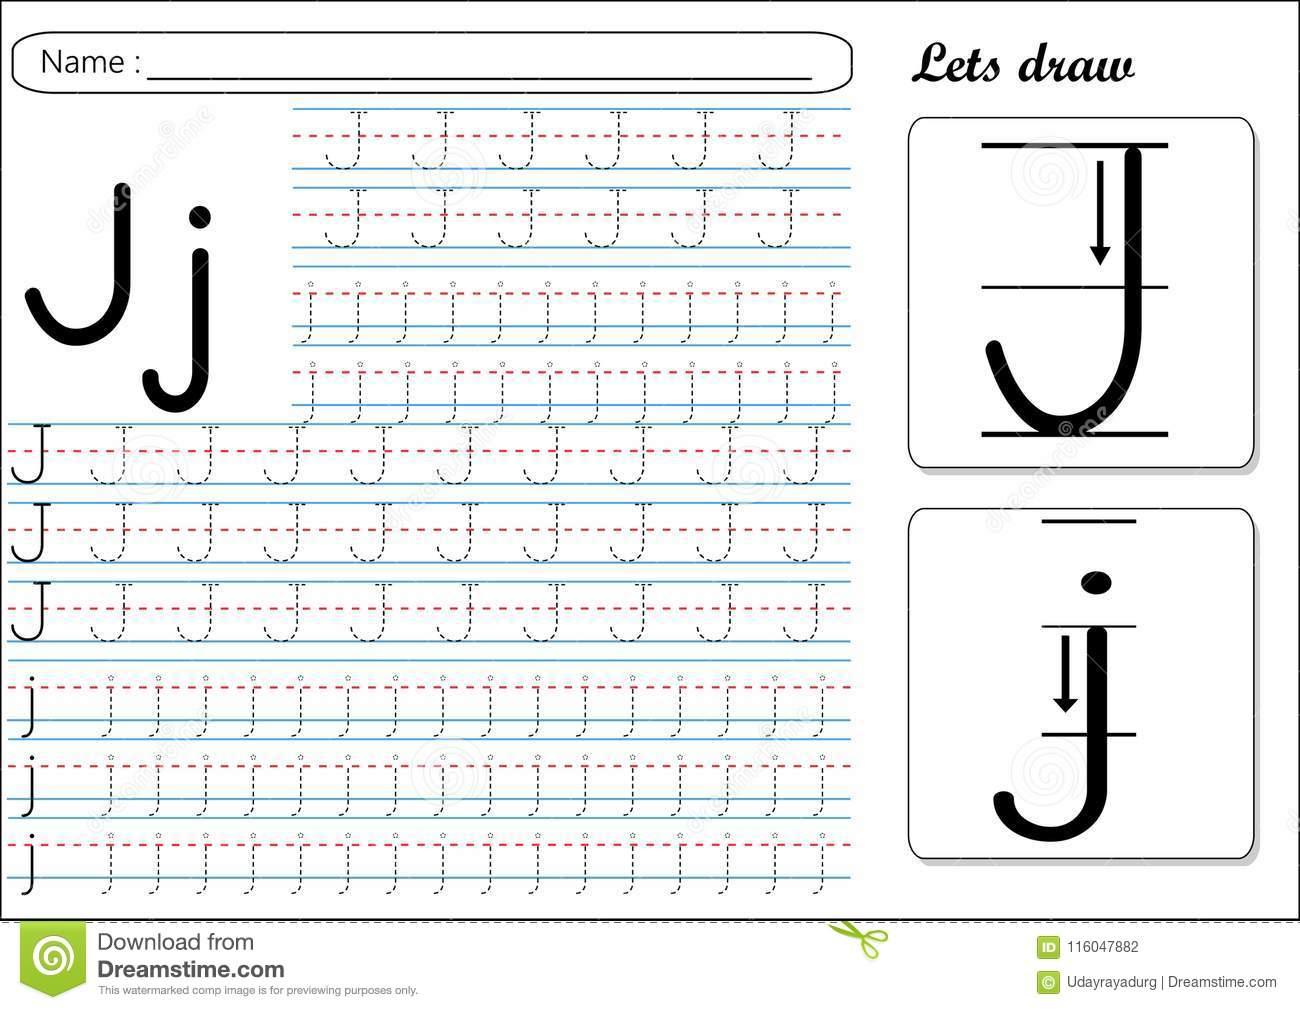 Tracing Worksheet -Jj Stock Vector. Illustration Of Spelling intended for Letter J Worksheets Tracing